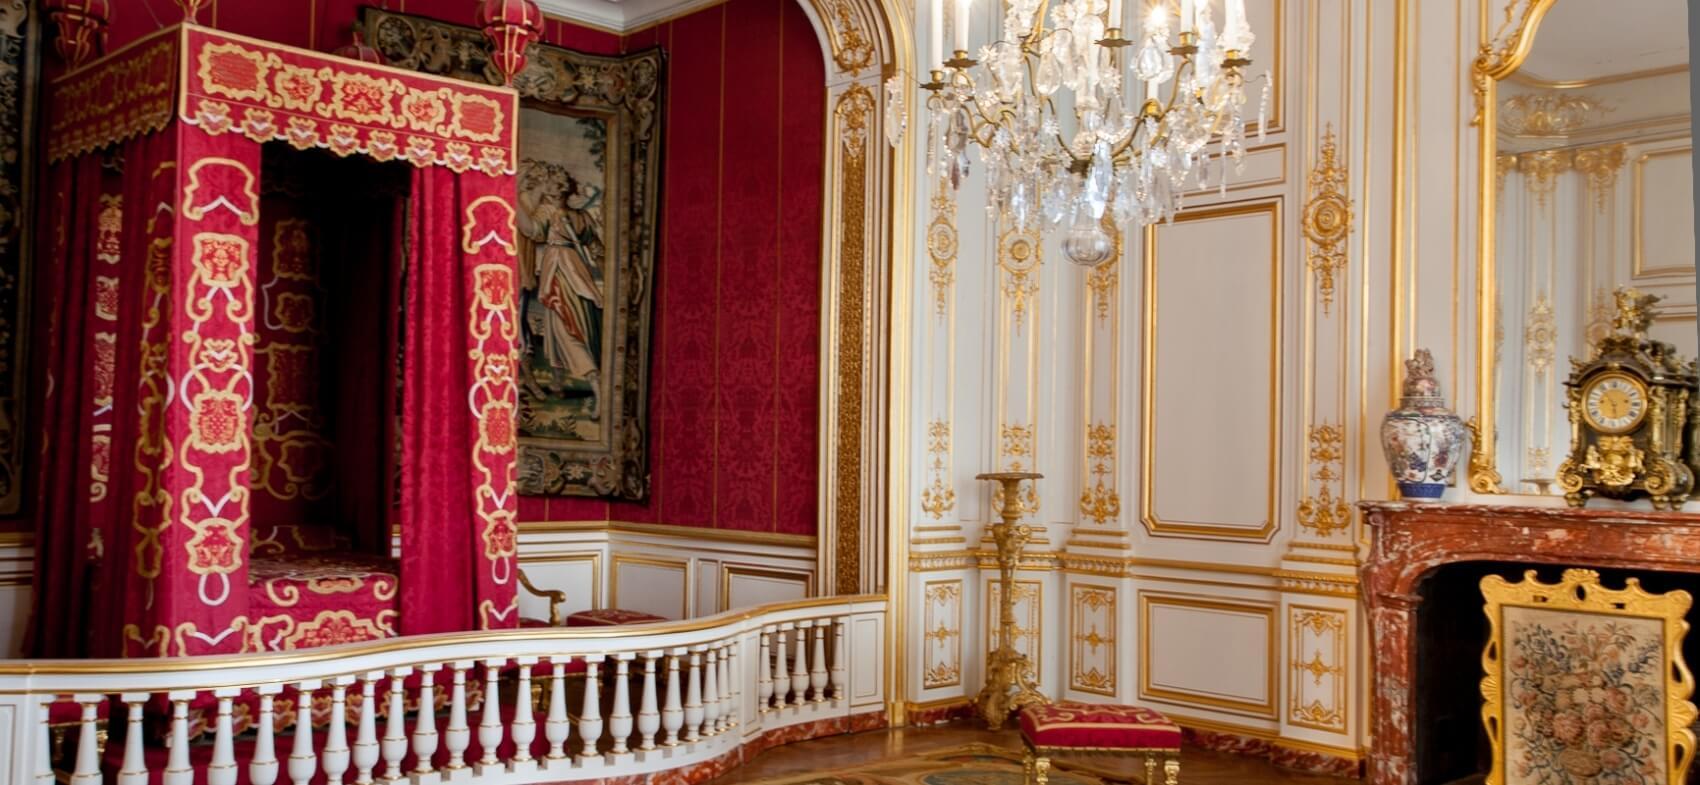 Journée royale à Chambord